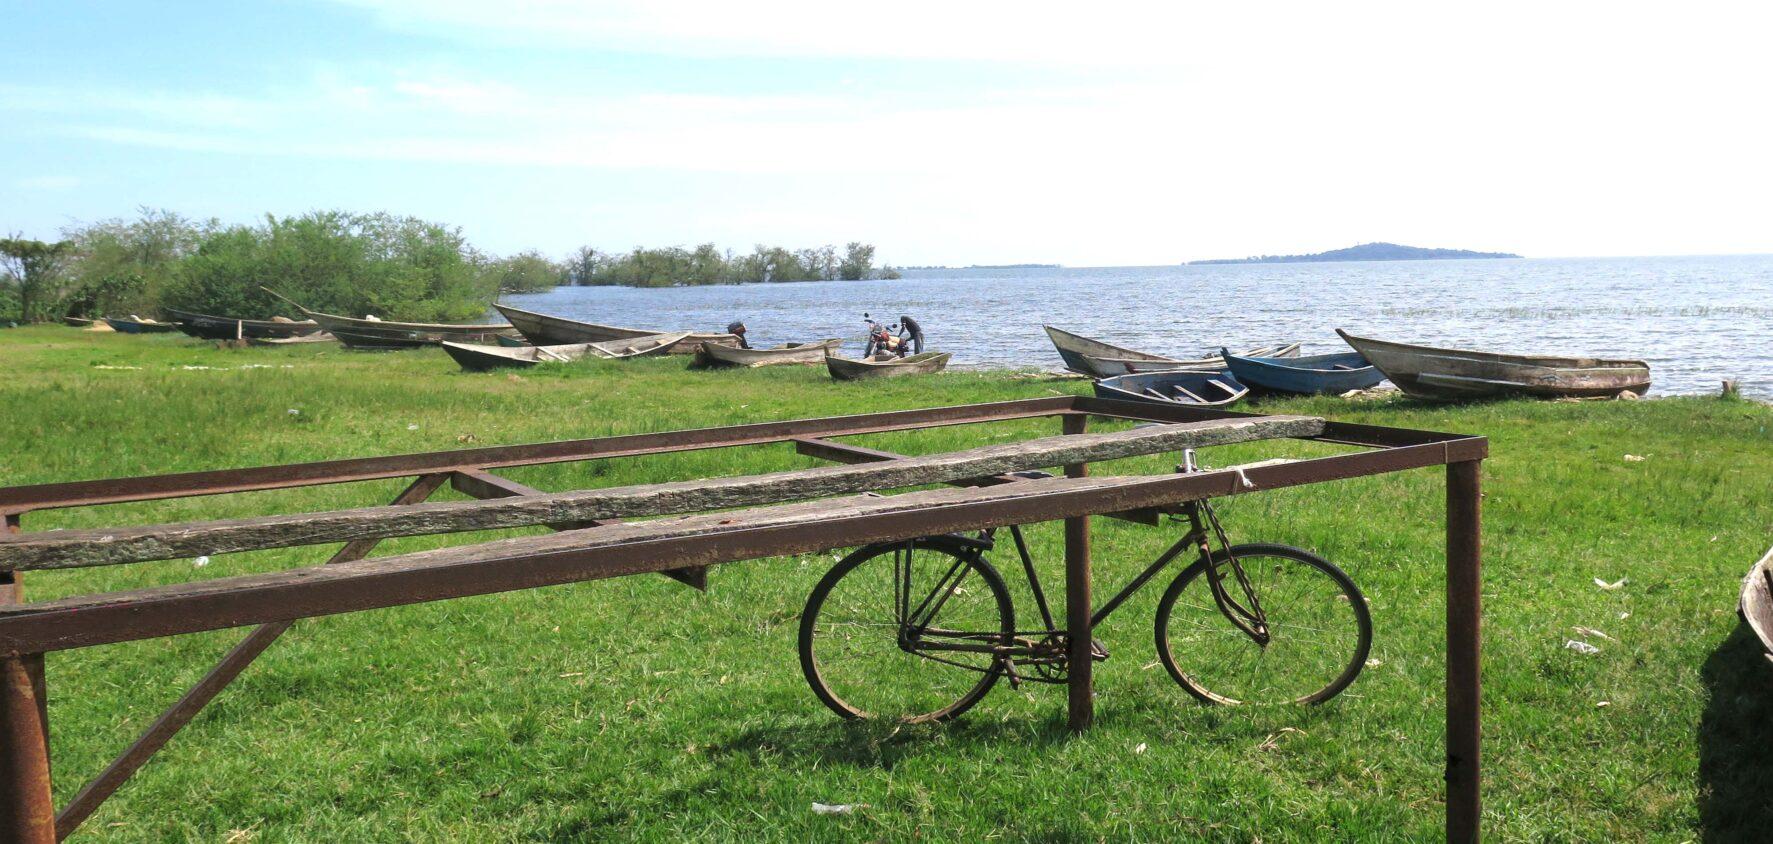 En strand med gräs, båtar uppdragna, längst fram en cykel.